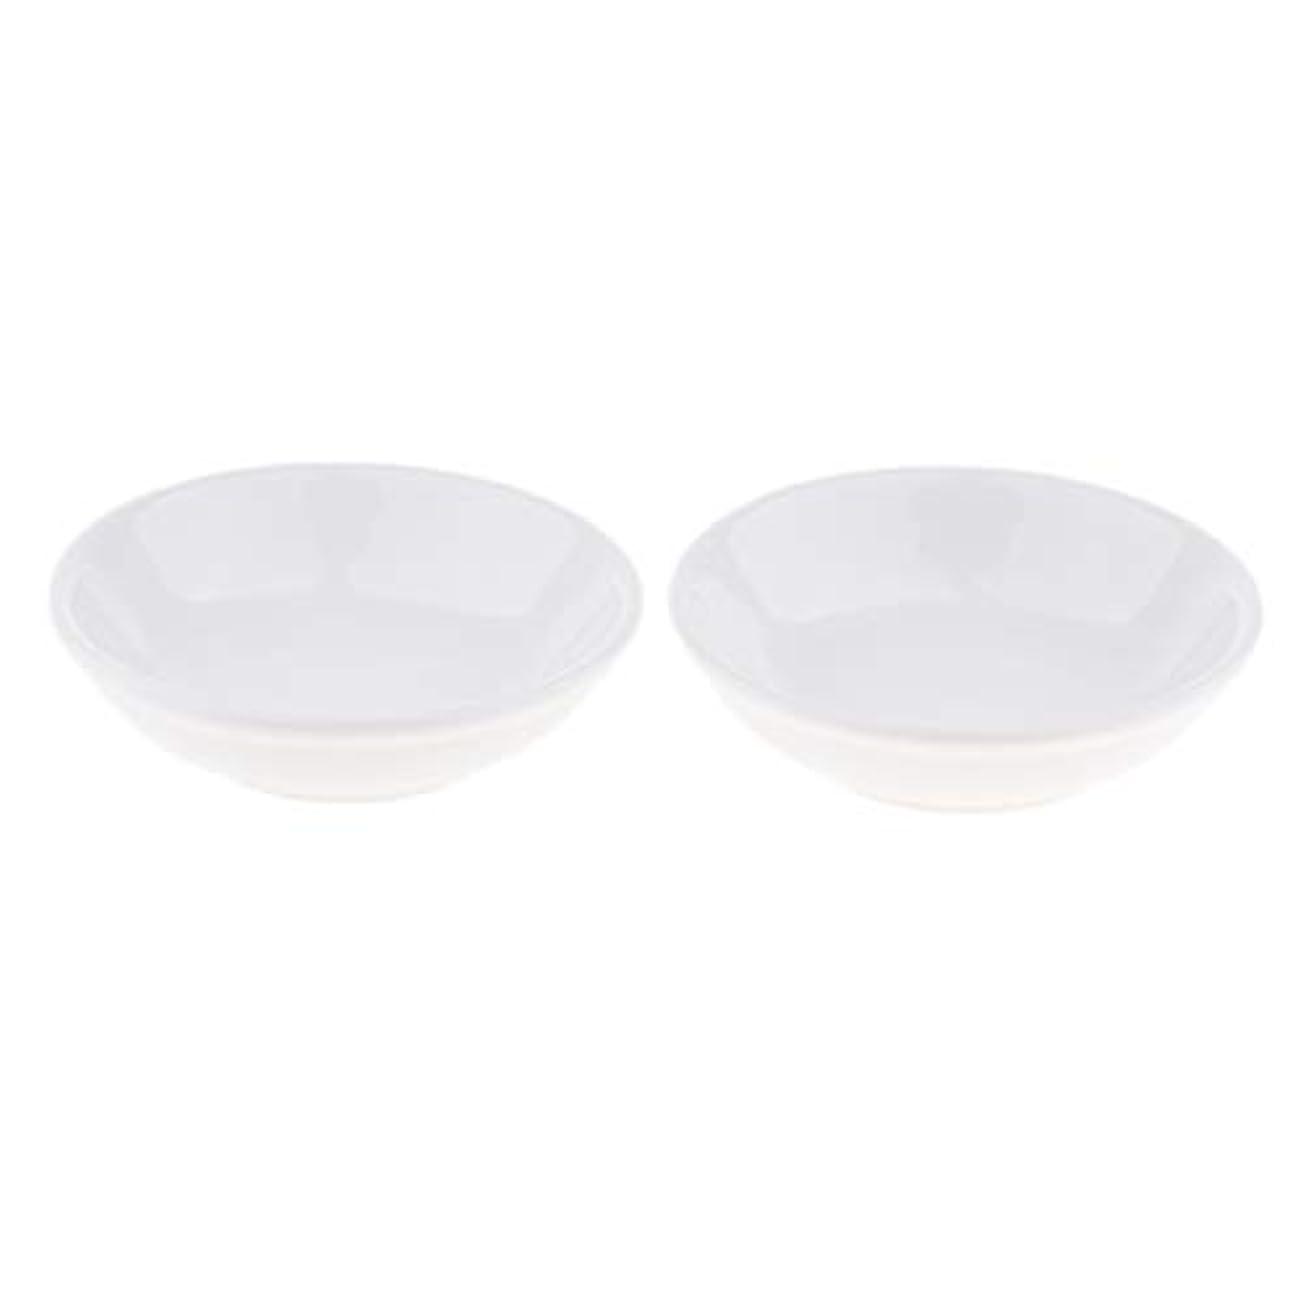 報復する自由眉2個 交換用ディッシュ 皿 取り替え皿 セラミック 円形 オイルウォーマー 白